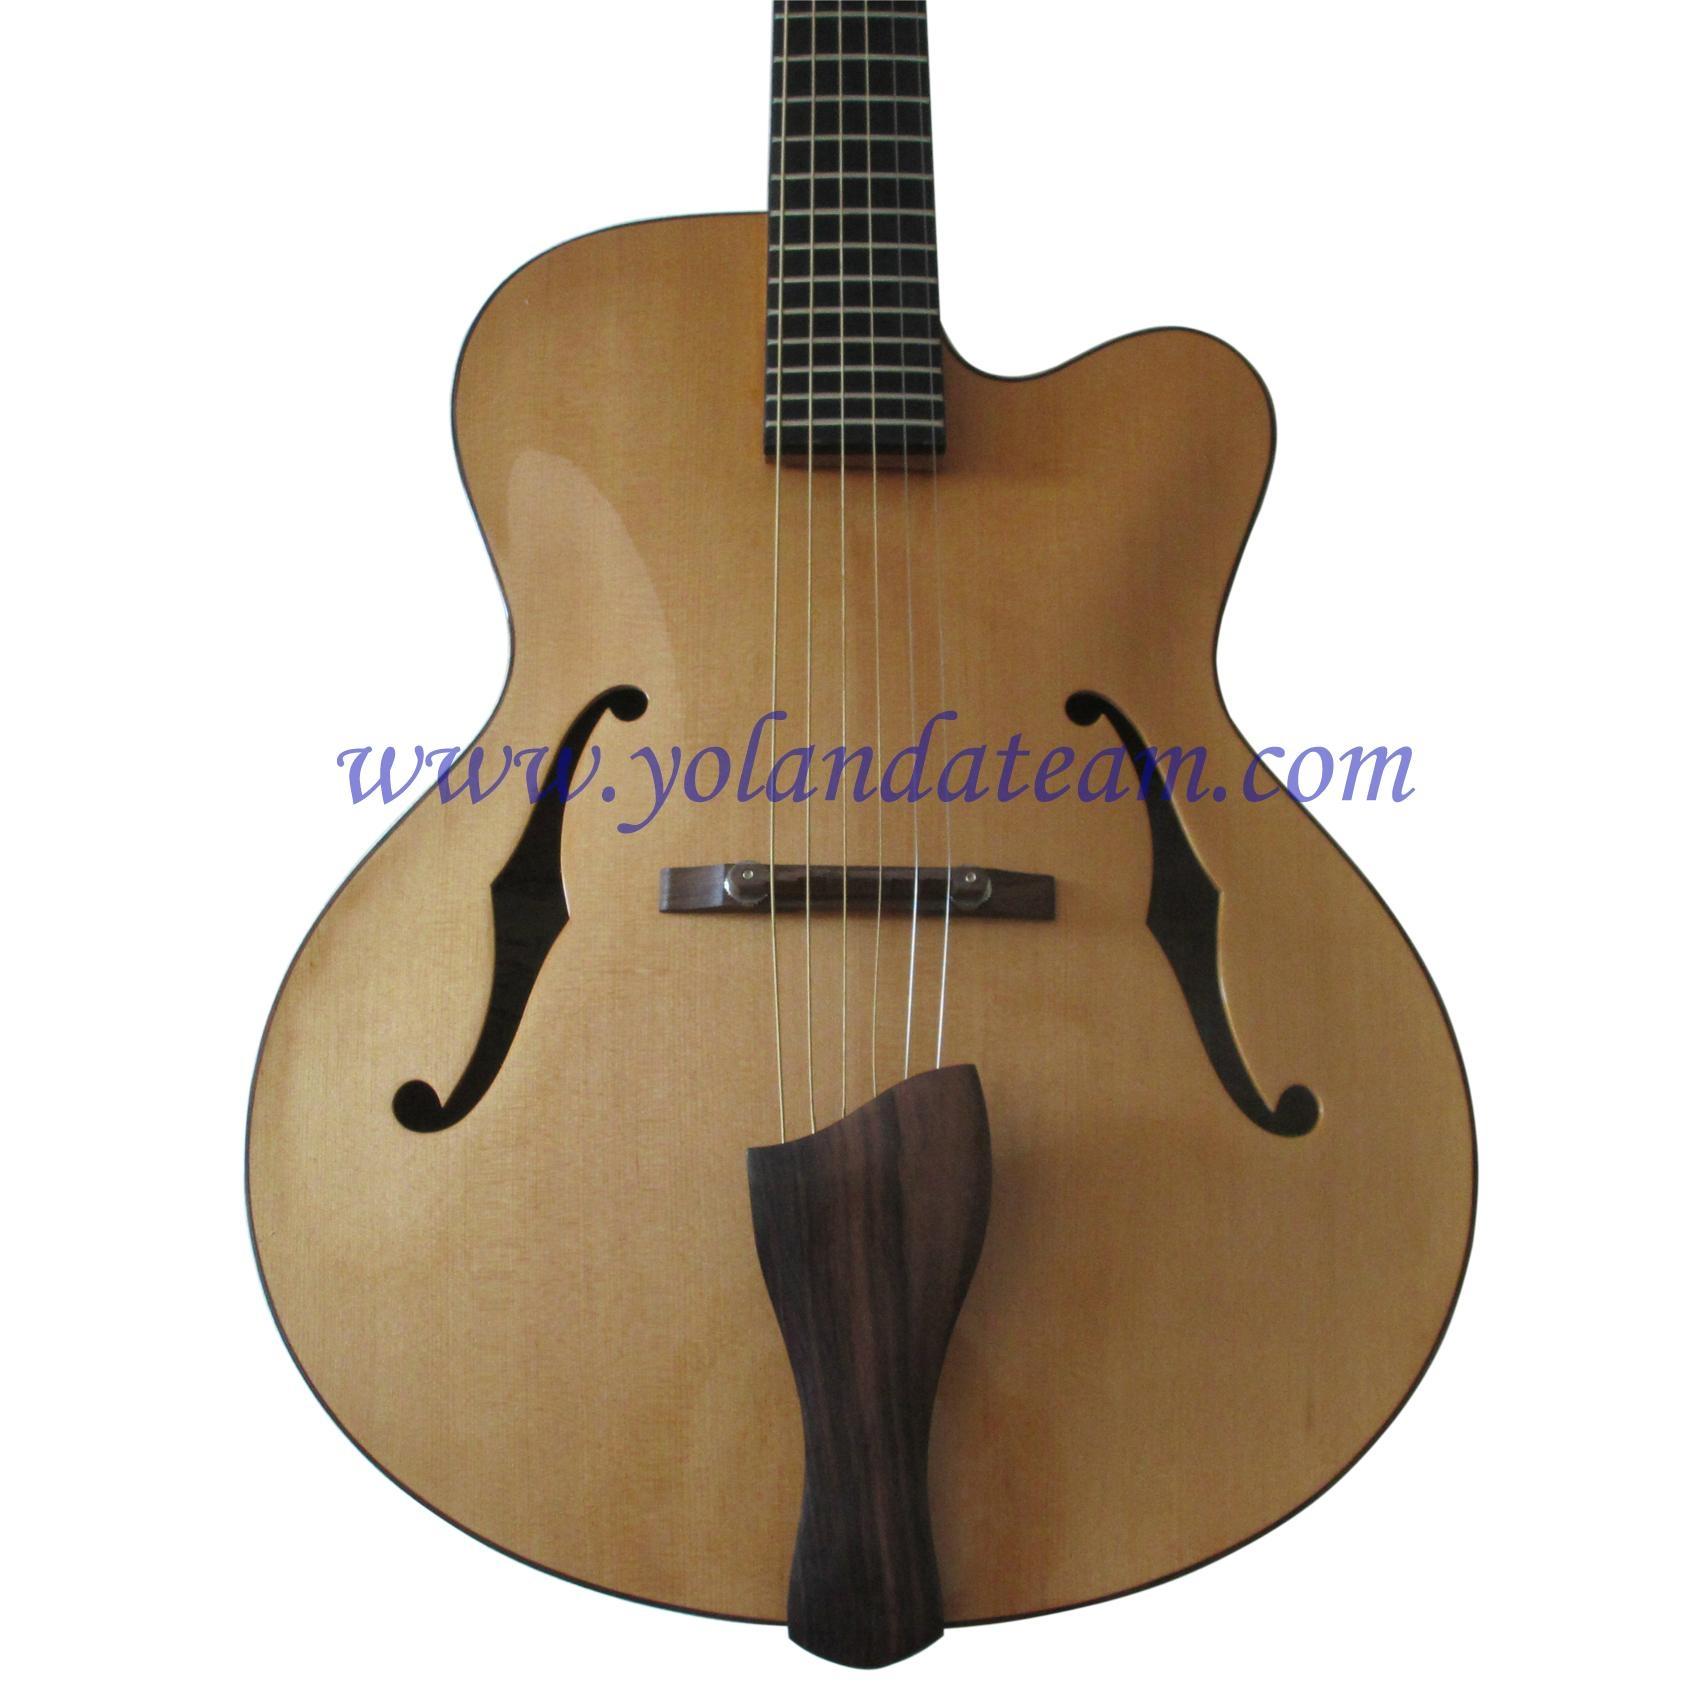 17寸爵士吉他 7